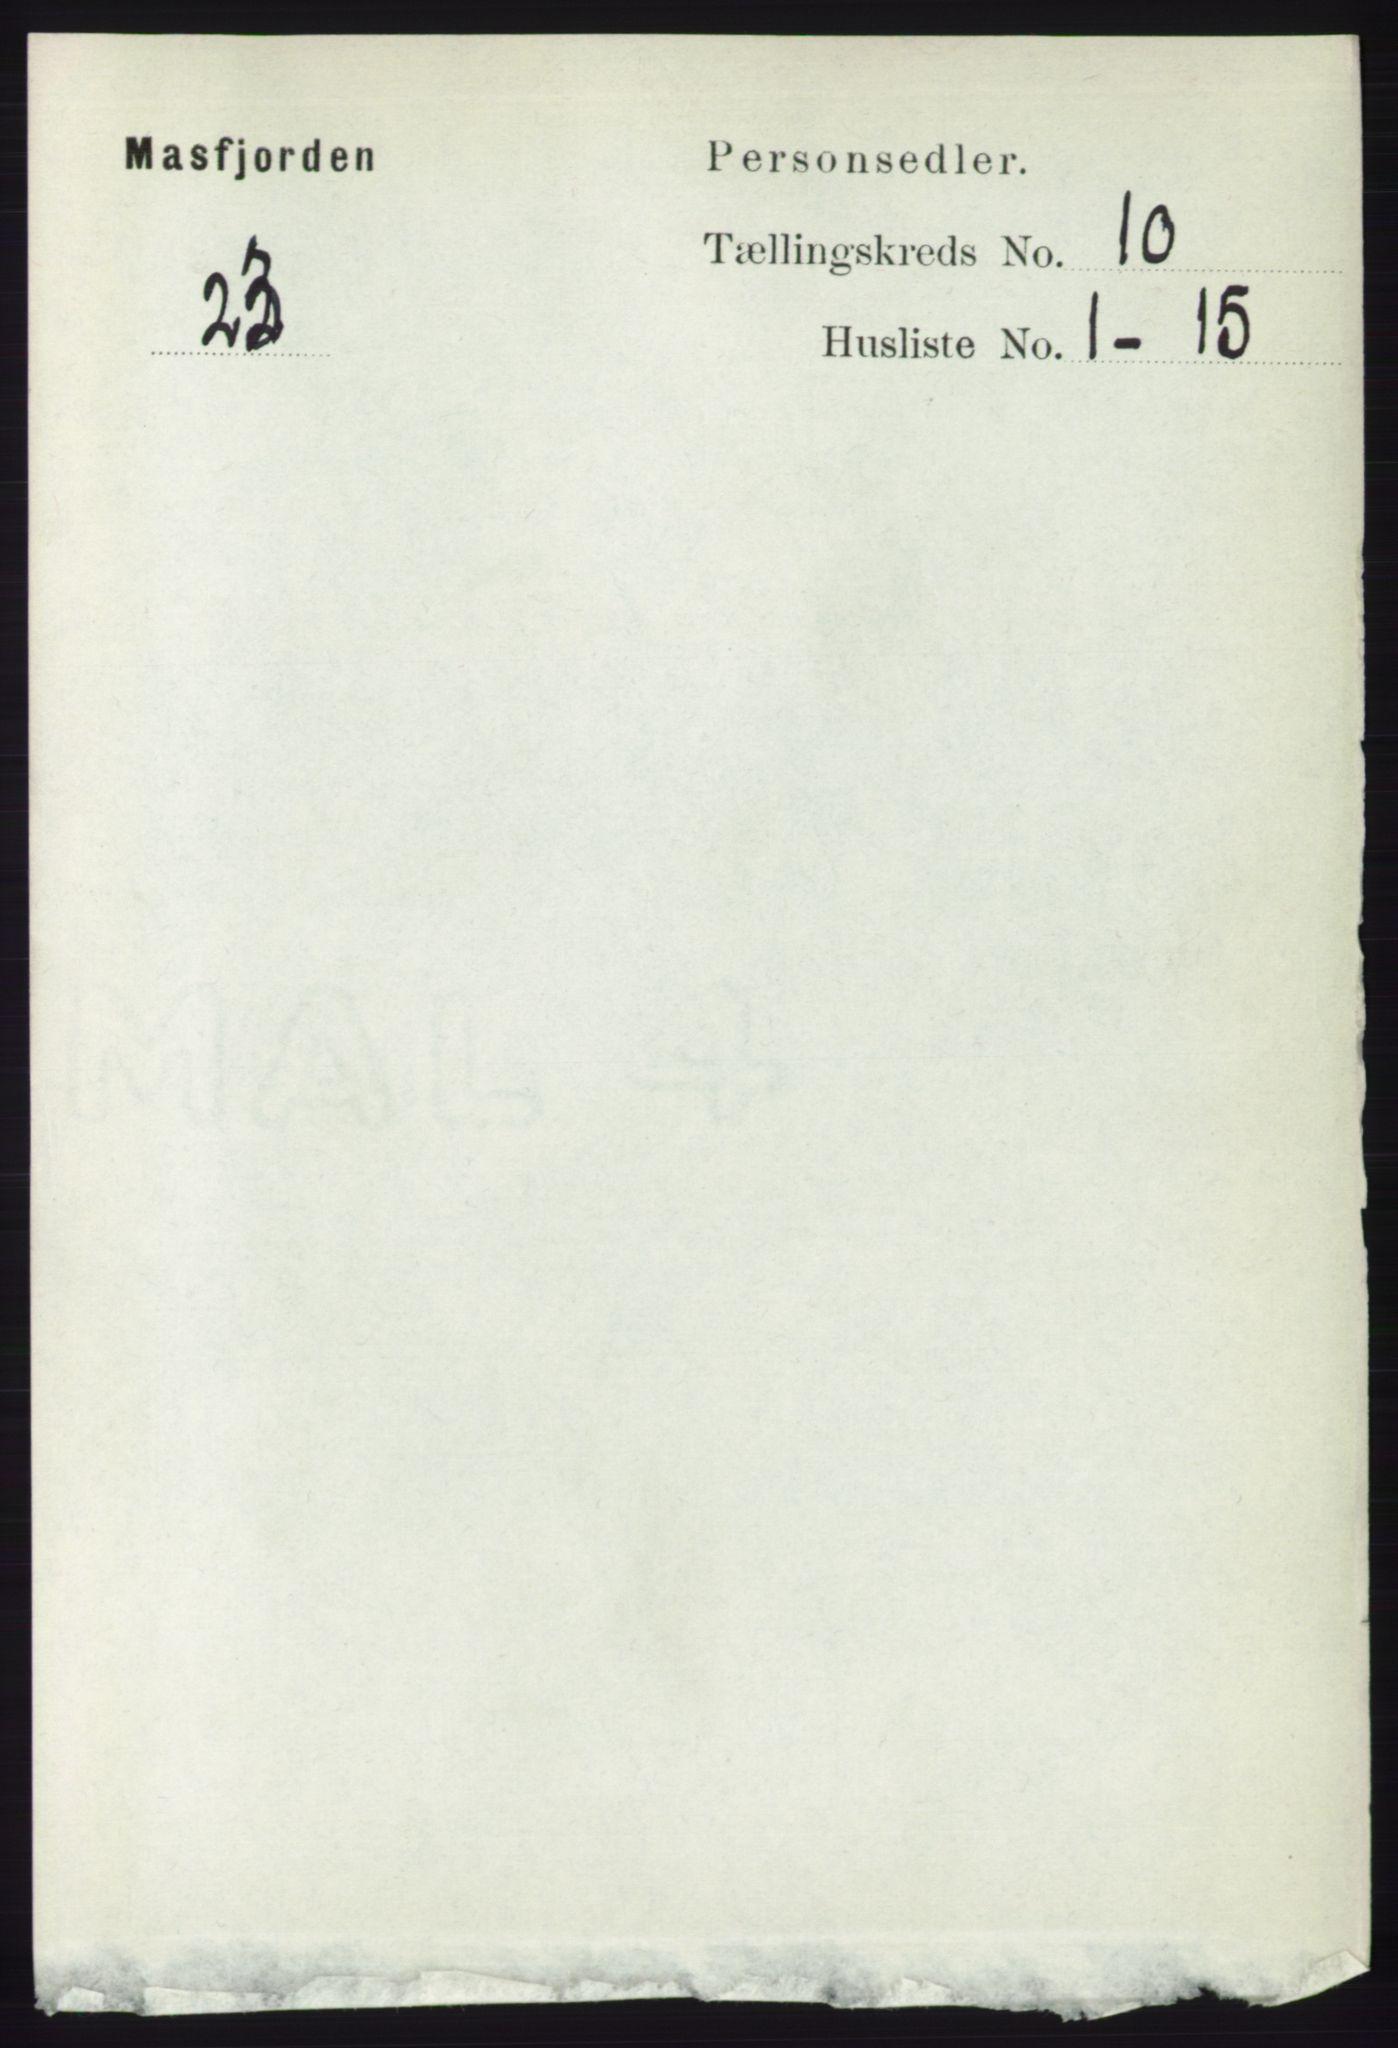 RA, Folketelling 1891 for 1266 Masfjorden herred, 1891, s. 2001